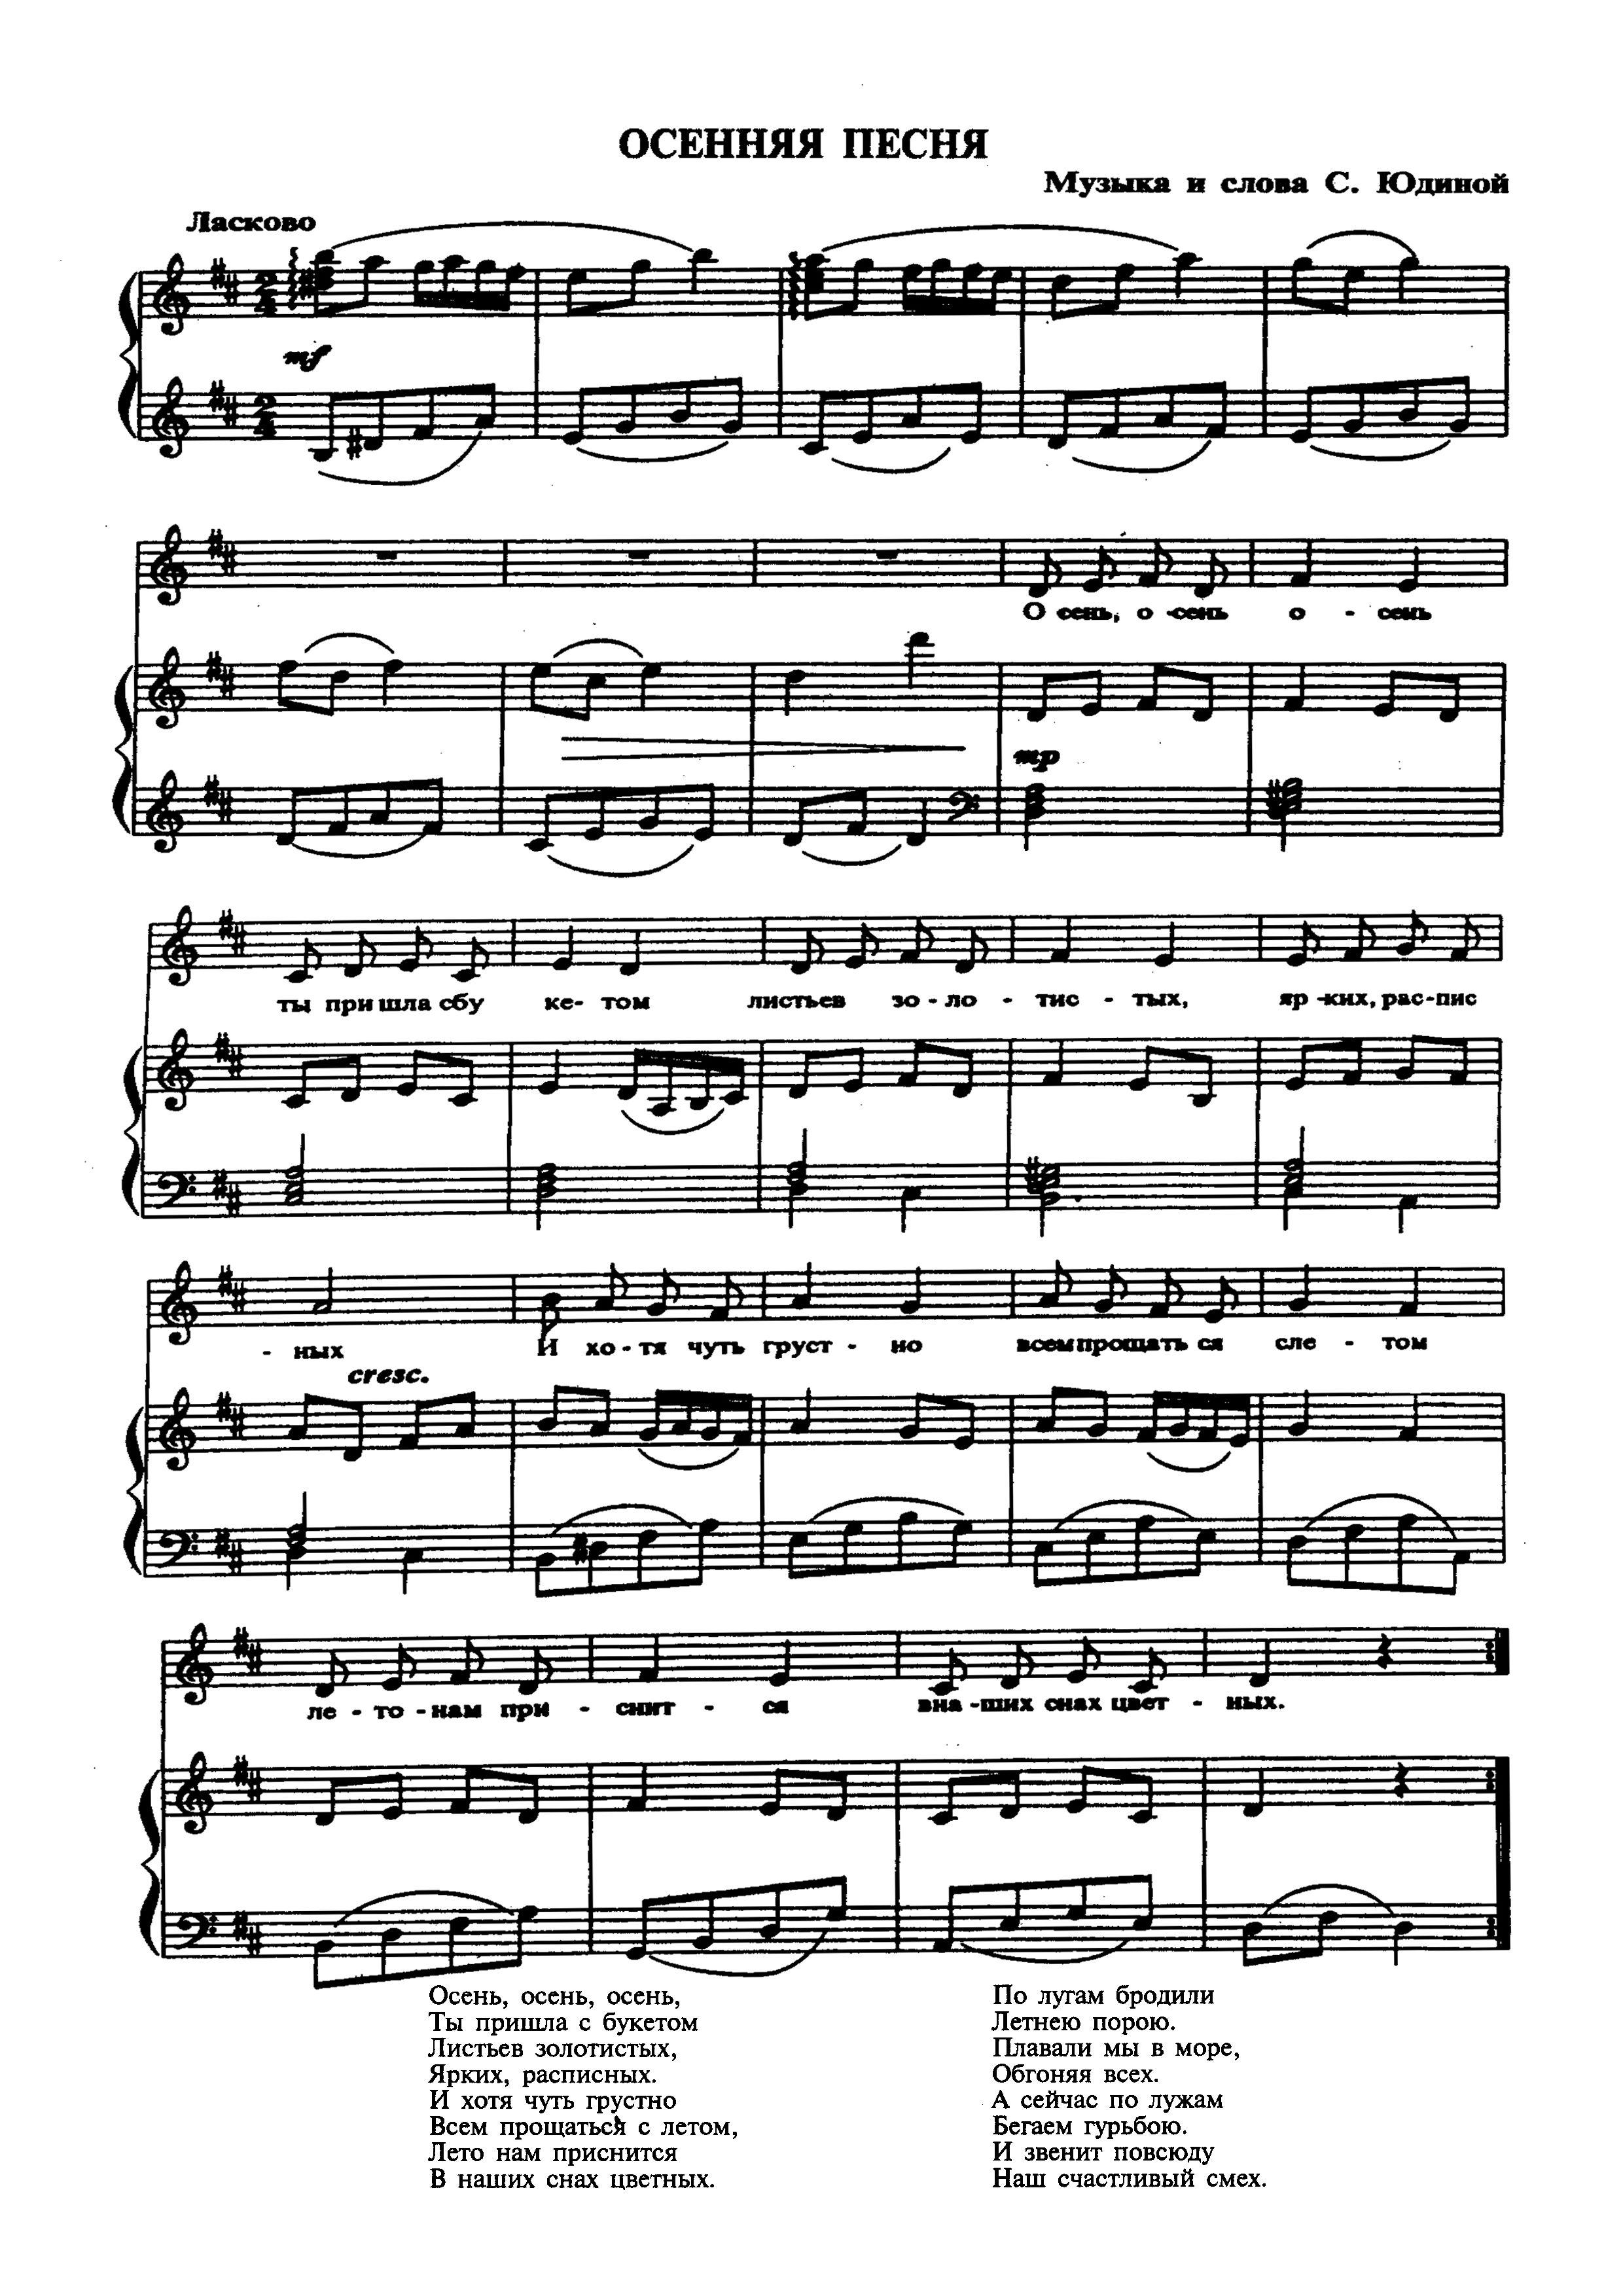 ПЕСНЯ ОСЕНЬ ПРИШЛА С ЮДИНОЙ СКАЧАТЬ БЕСПЛАТНО